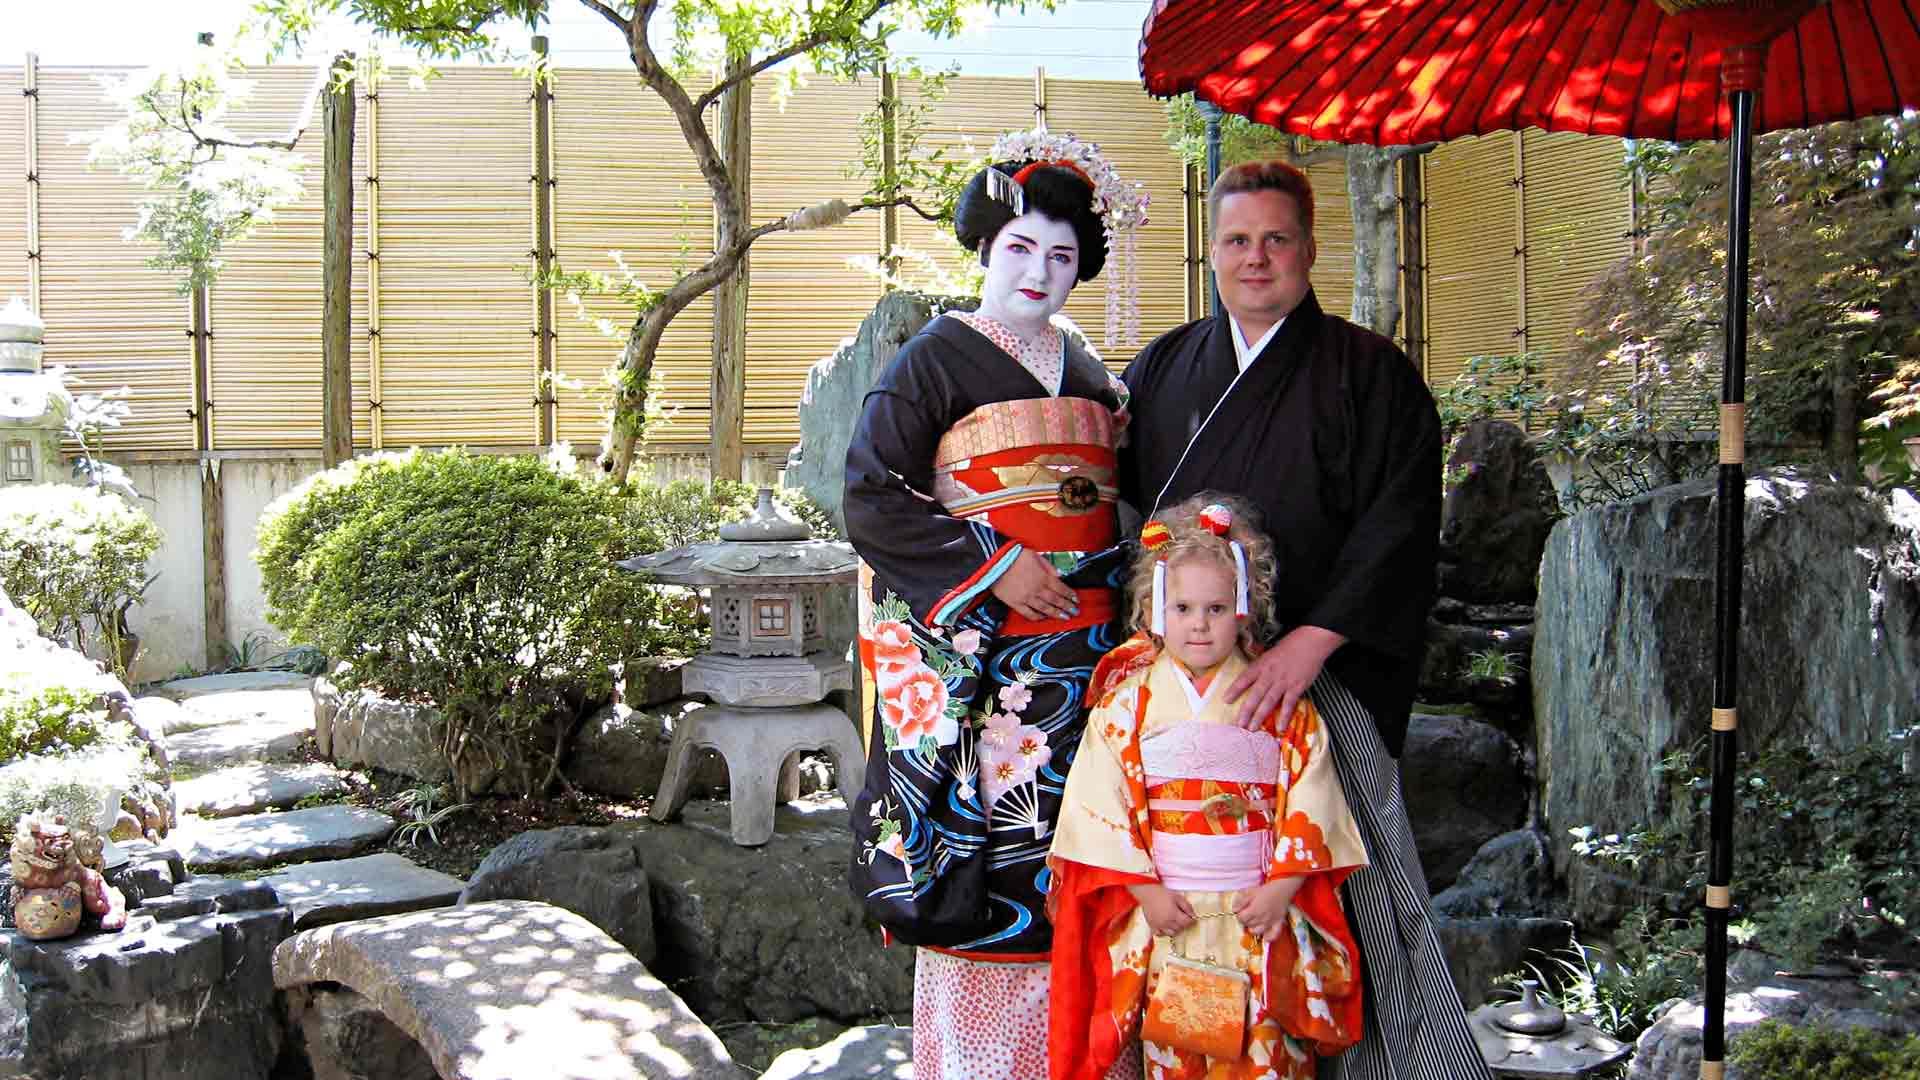 Nean ollessa taaperoikäinen Sutiset asuivat kolme vuotta Tokiossa, sitten Münchenissä siihen asti, kunnes Nea meni kouluun.